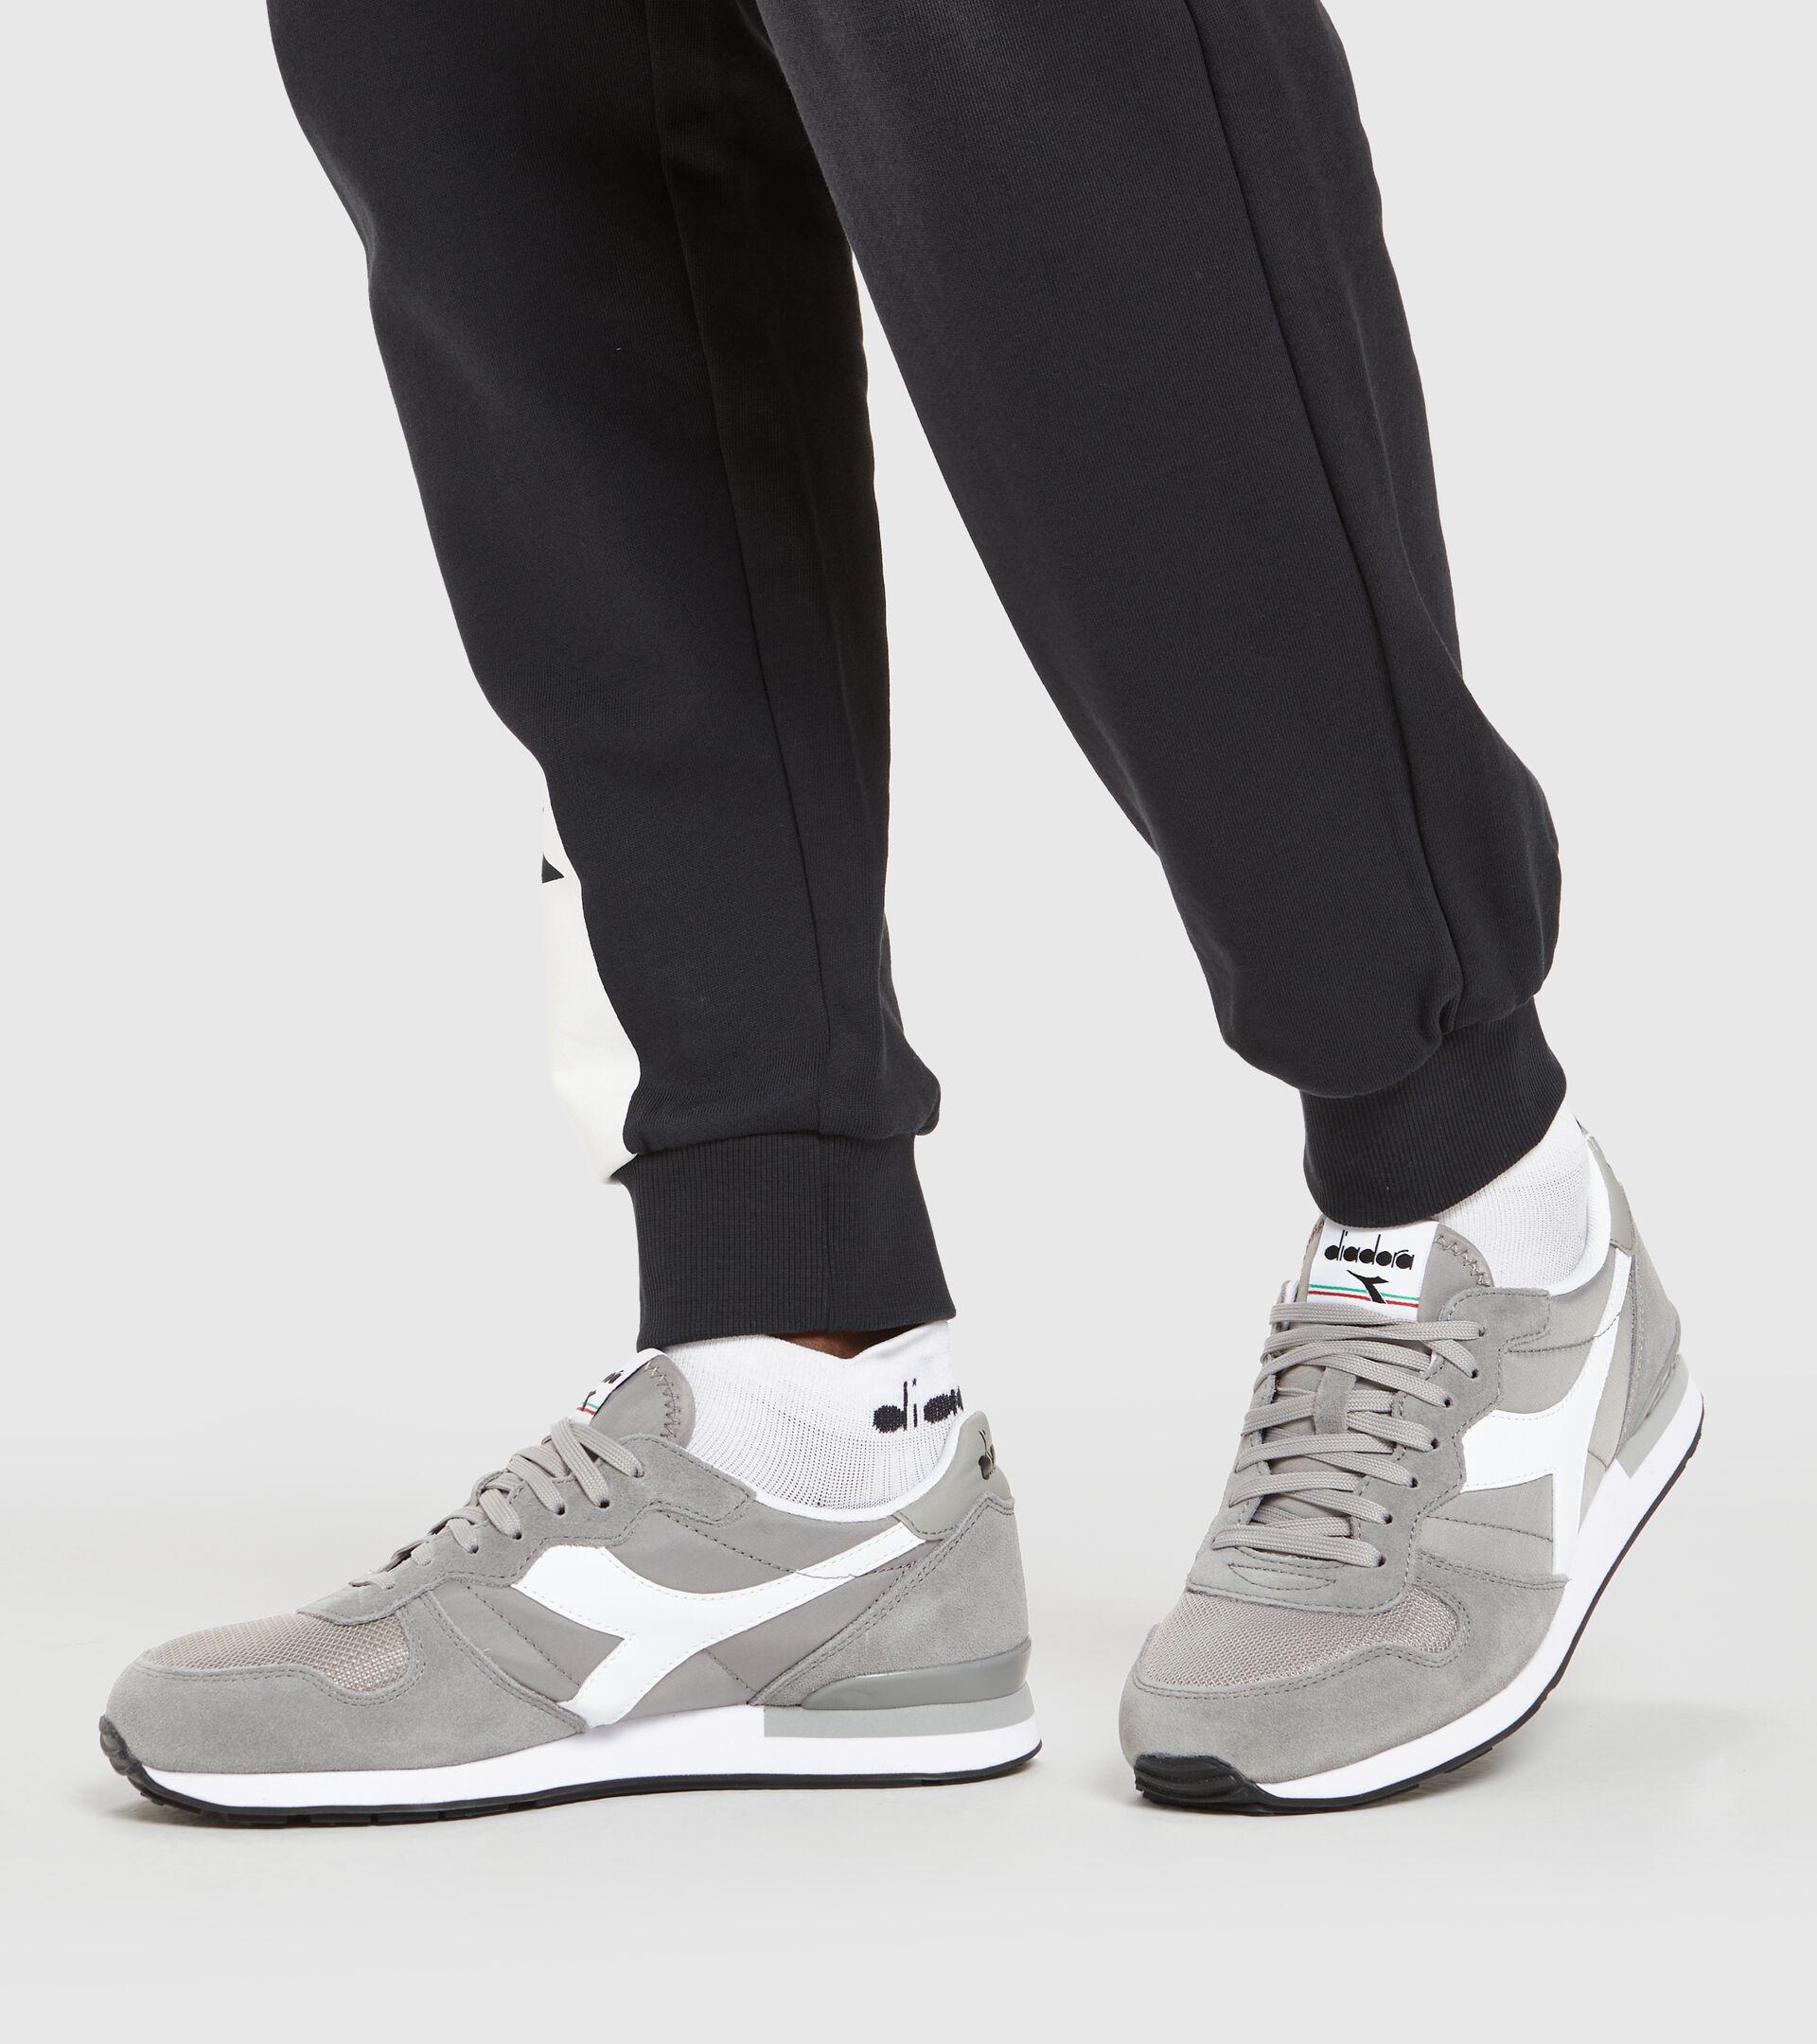 Footwear Sportswear UNISEX CAMARO GRIGIO PELTRO (75048) Diadora